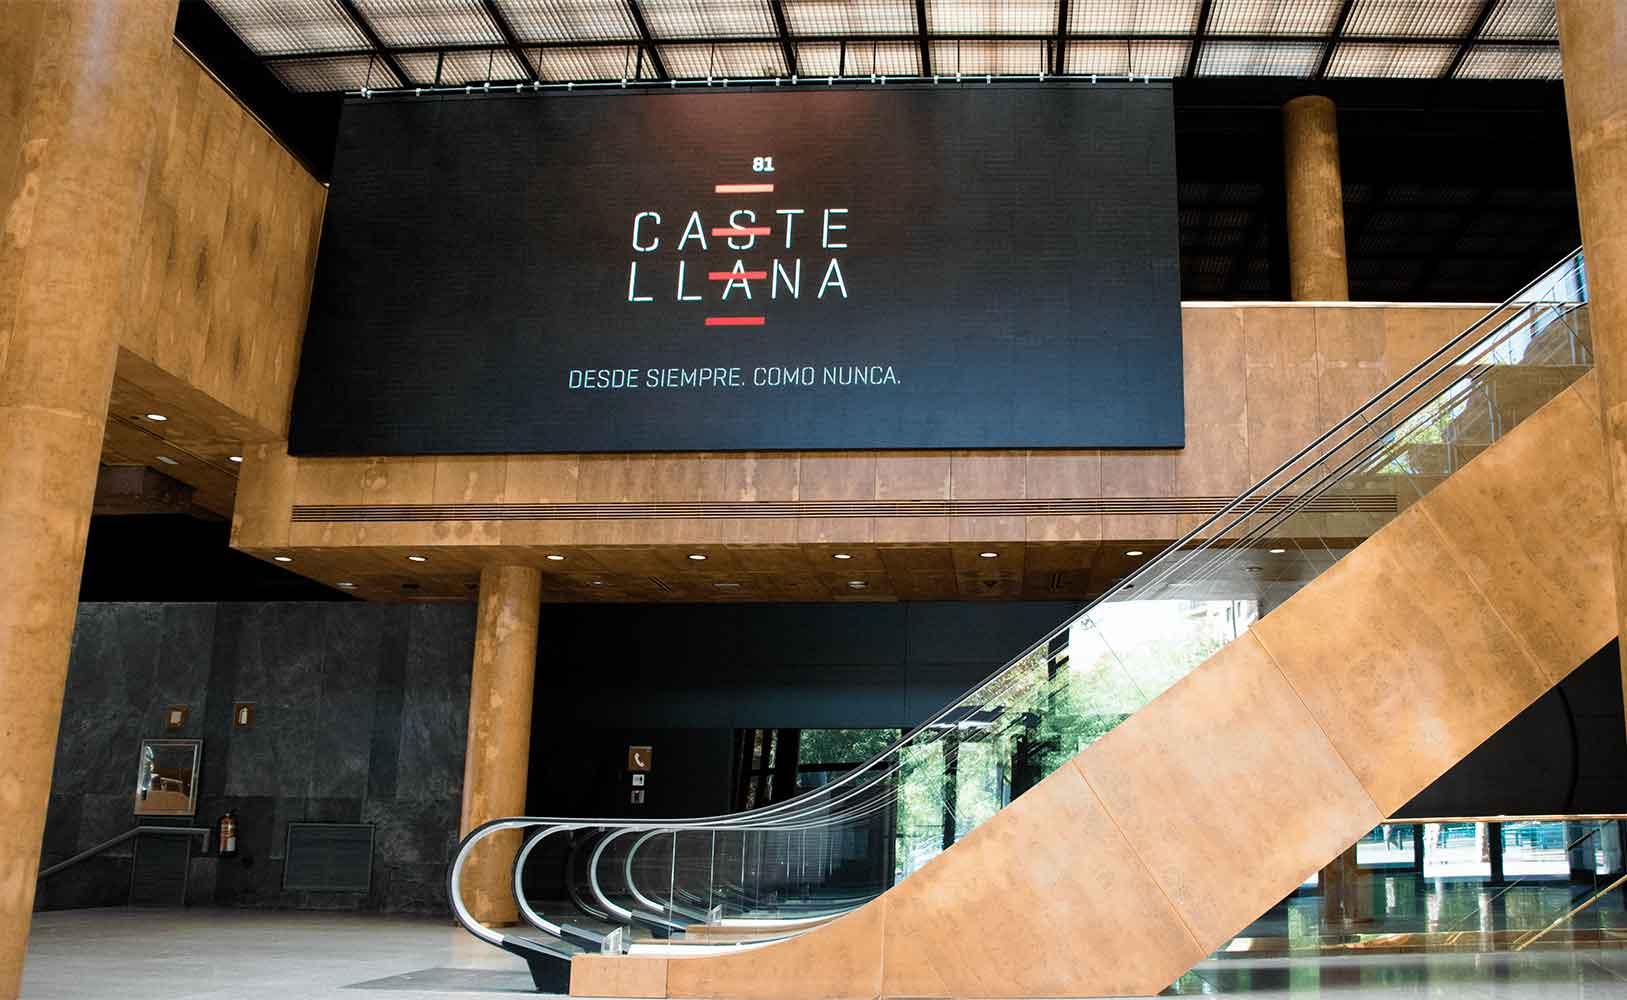 Cartelería digital gran formato edificio Castellana 81